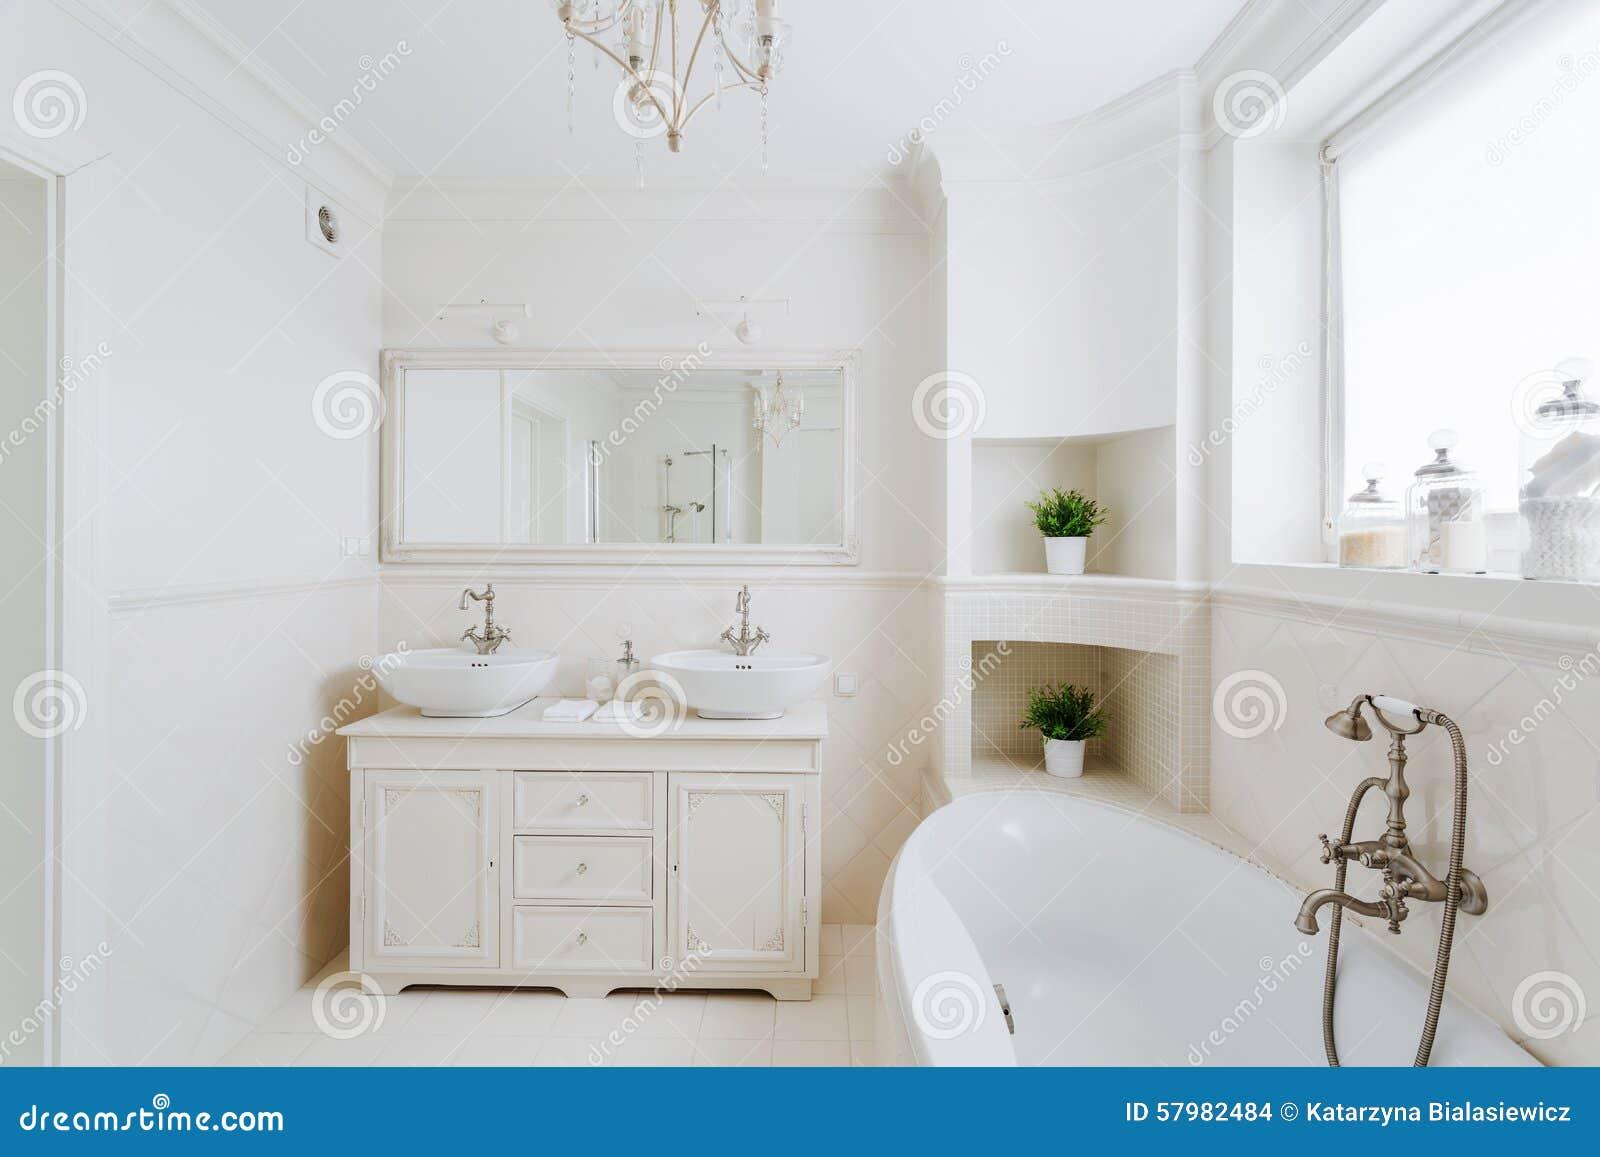 Bagno Nello Stile Francese Fotografia Stock Immagine Di Residenza